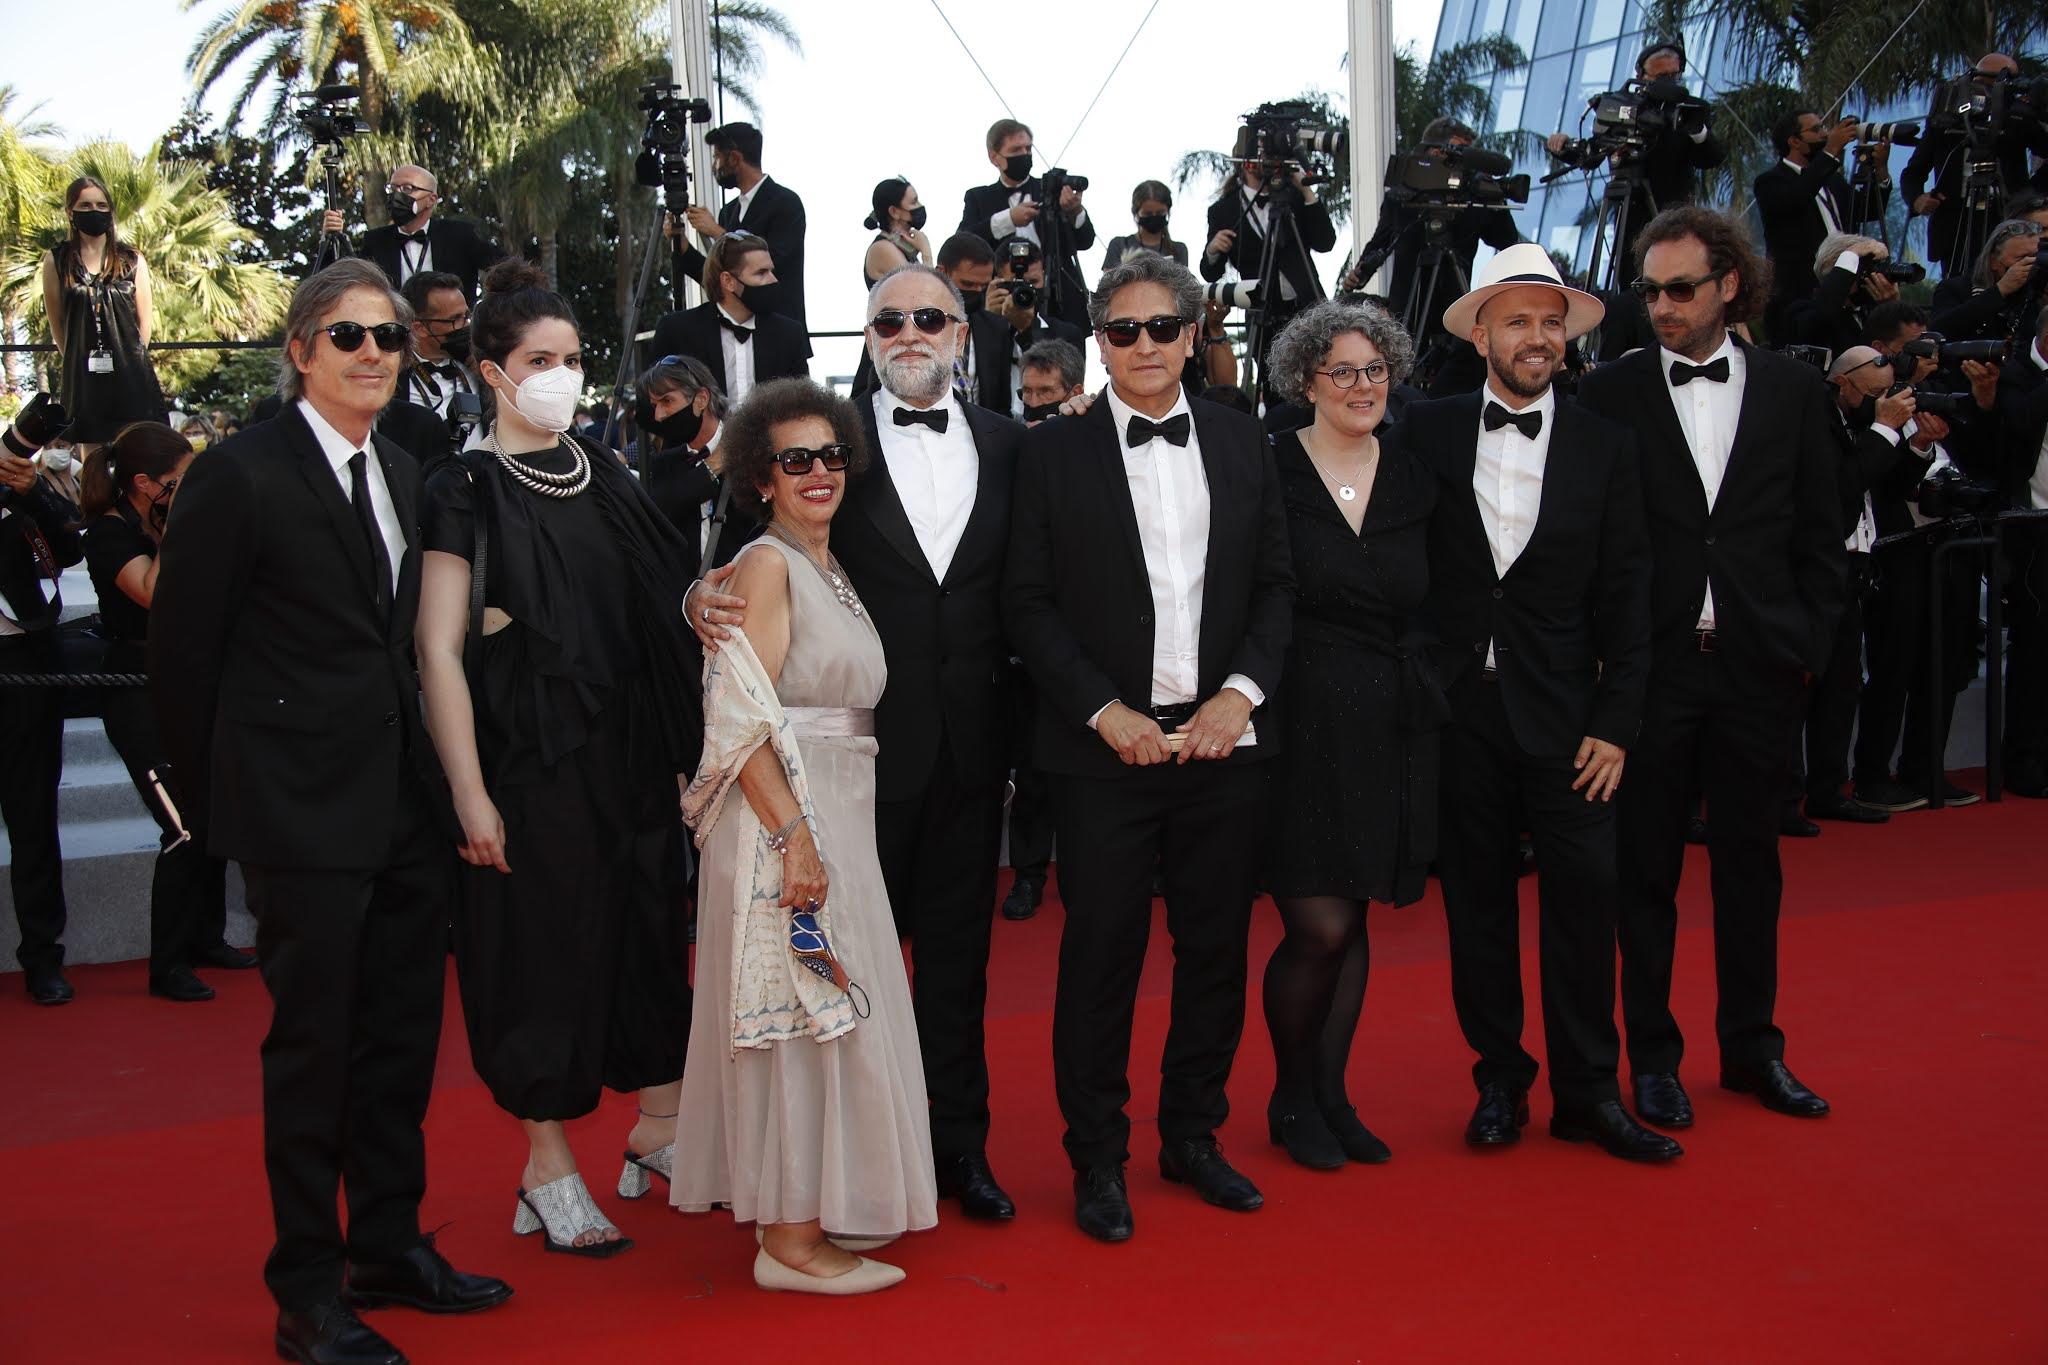 'Marinheiro das Montanhas': Novo filme de Karim Aïnouz é aplaudido por 15 minutos em estreia no Festival de Cannes